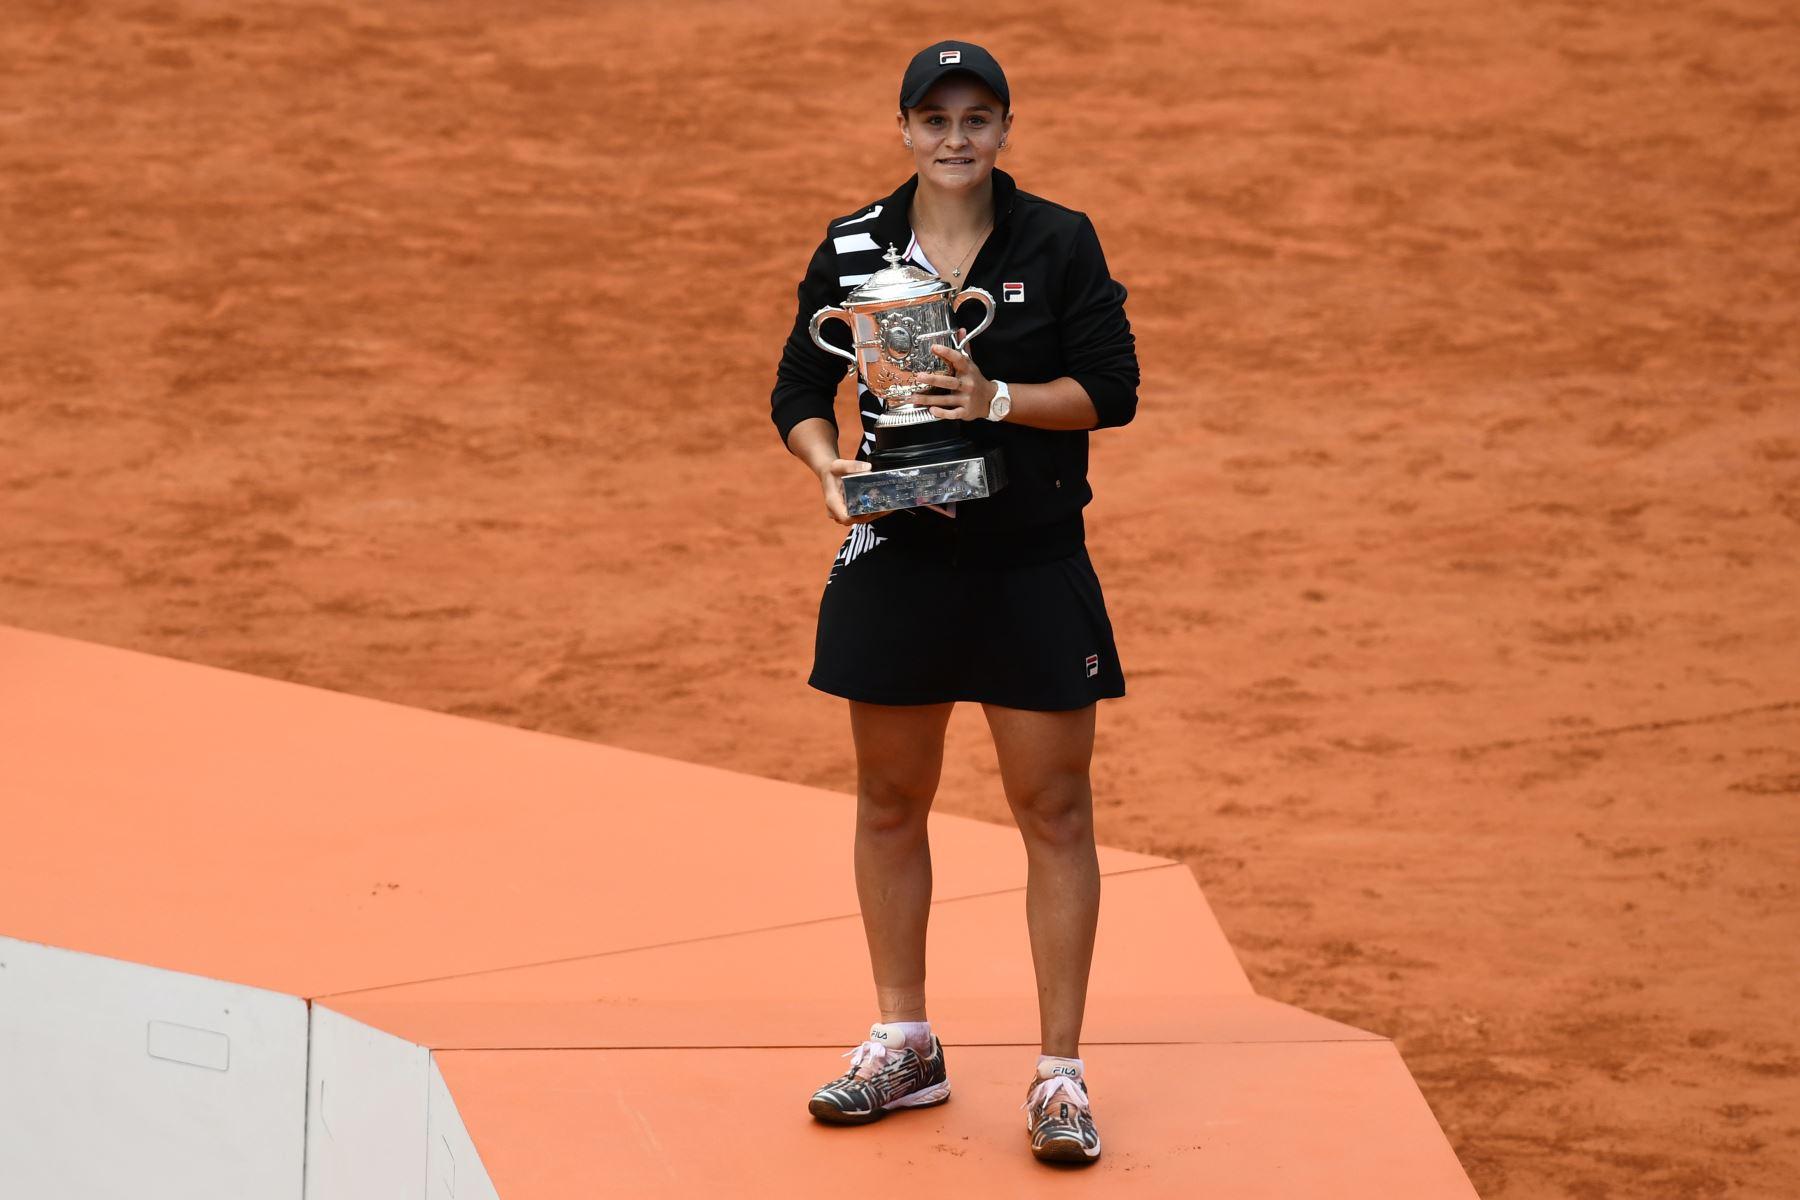 La australiana Ashleigh Barty posa con el trofeo Suzanne Lenglen después de ganar contra Marketa Vondrousova de la República Checa al final del partido final de individuales femenino del torneo de tenis abierto francés Roland Garros. Foto: AFP